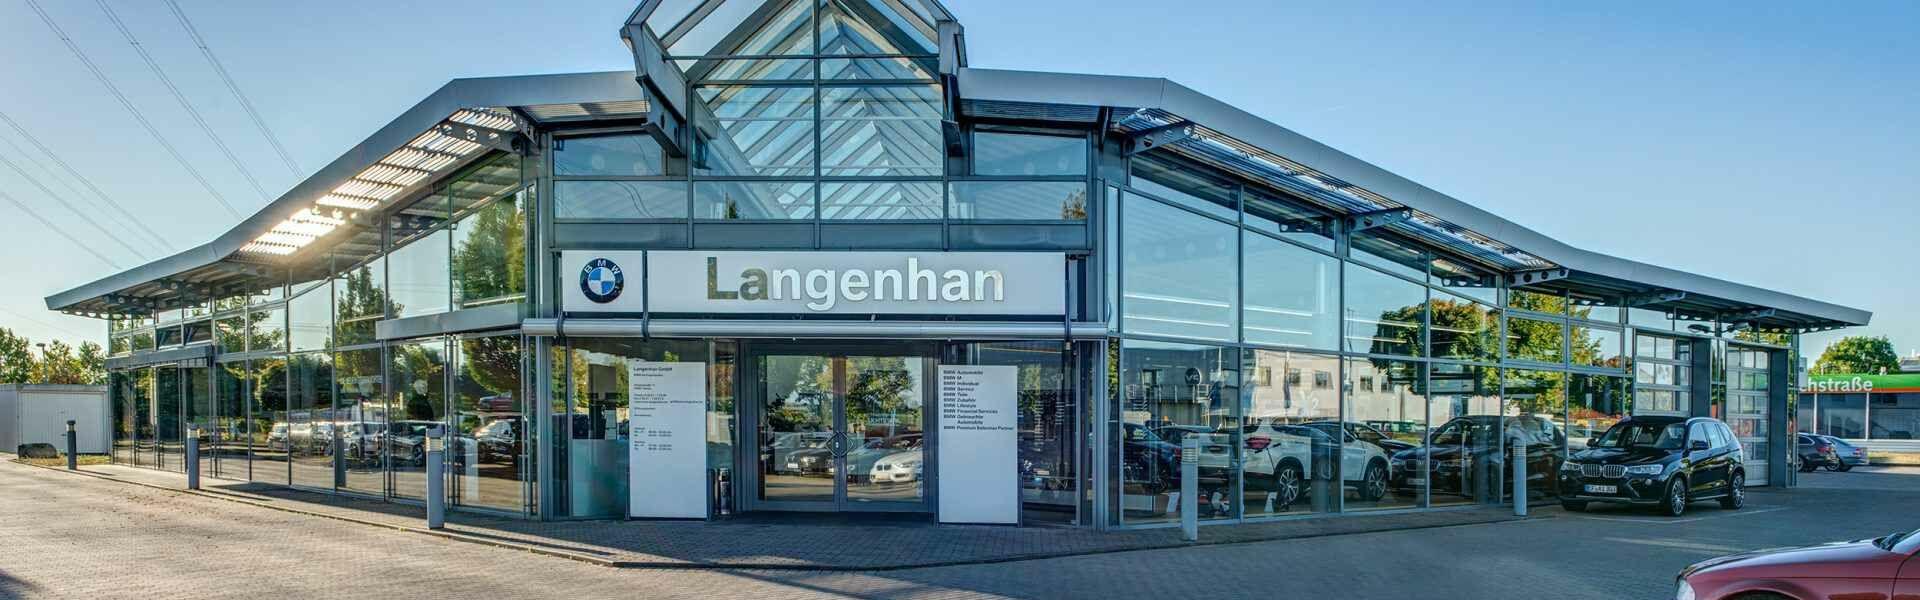 BMW Autohaus Langenhan in Gotha